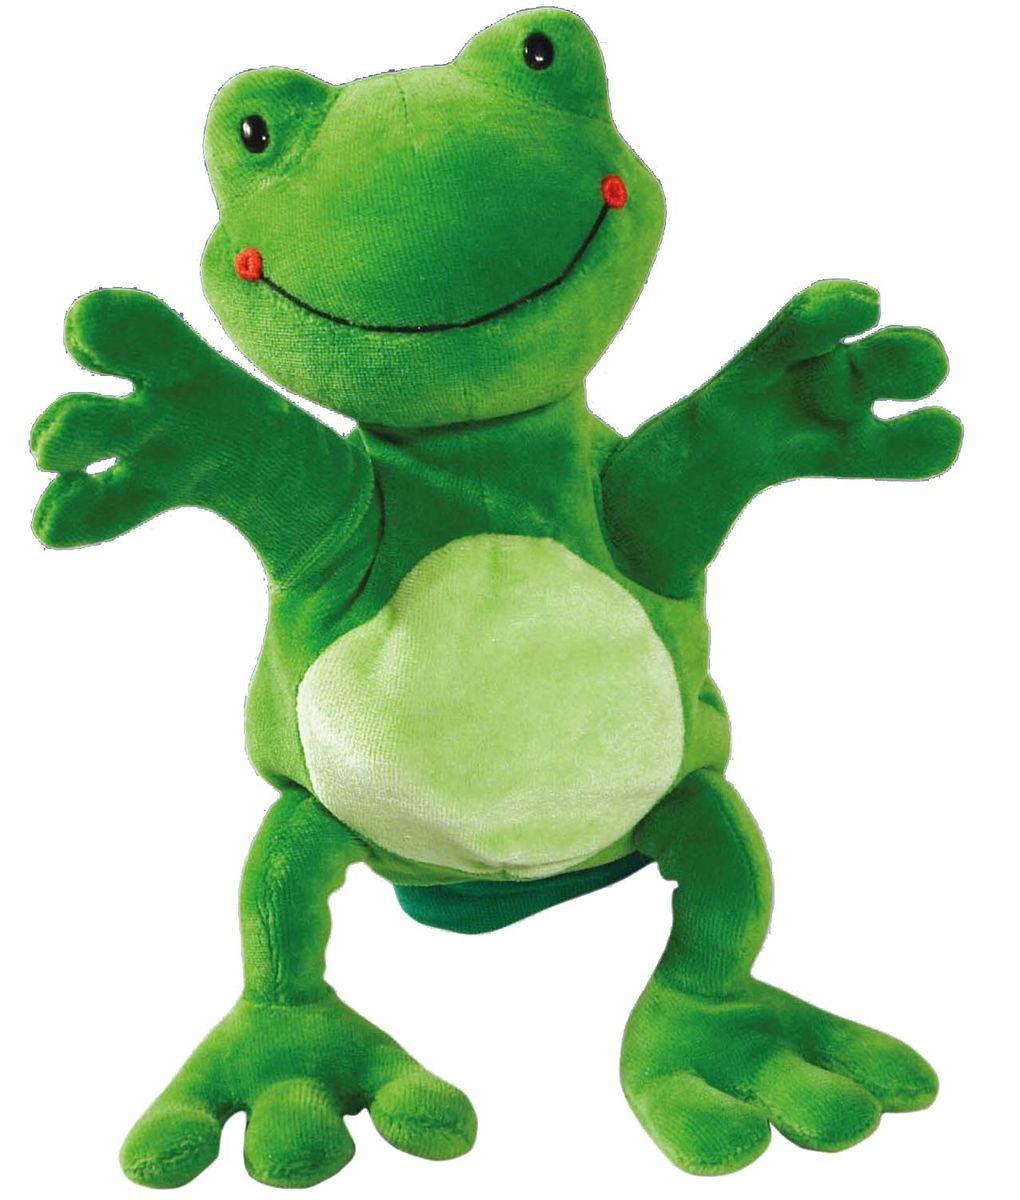 Beleduc Кукла на руку Лягушка40277Плюшевая игрушка «Лягушка» - это очаровательная мягкая игрушка, выполненная в виде забавного зверька, вызовет умиление и улыбку у каждого, кто ее увидит. Она станет замечательным подарком, как ребенку, так и взрослому. Игрушка удивительно приятна на ощупь и способствуют развитию мелкой моторики рук малыша. Мягкая игрушка может стать милым подарком, а может быть и лучшим другом на все времена. Способствует развитию логического и образного мышления, учит различать предметы по цвету и размеру, развивает мелкую моторику рук.